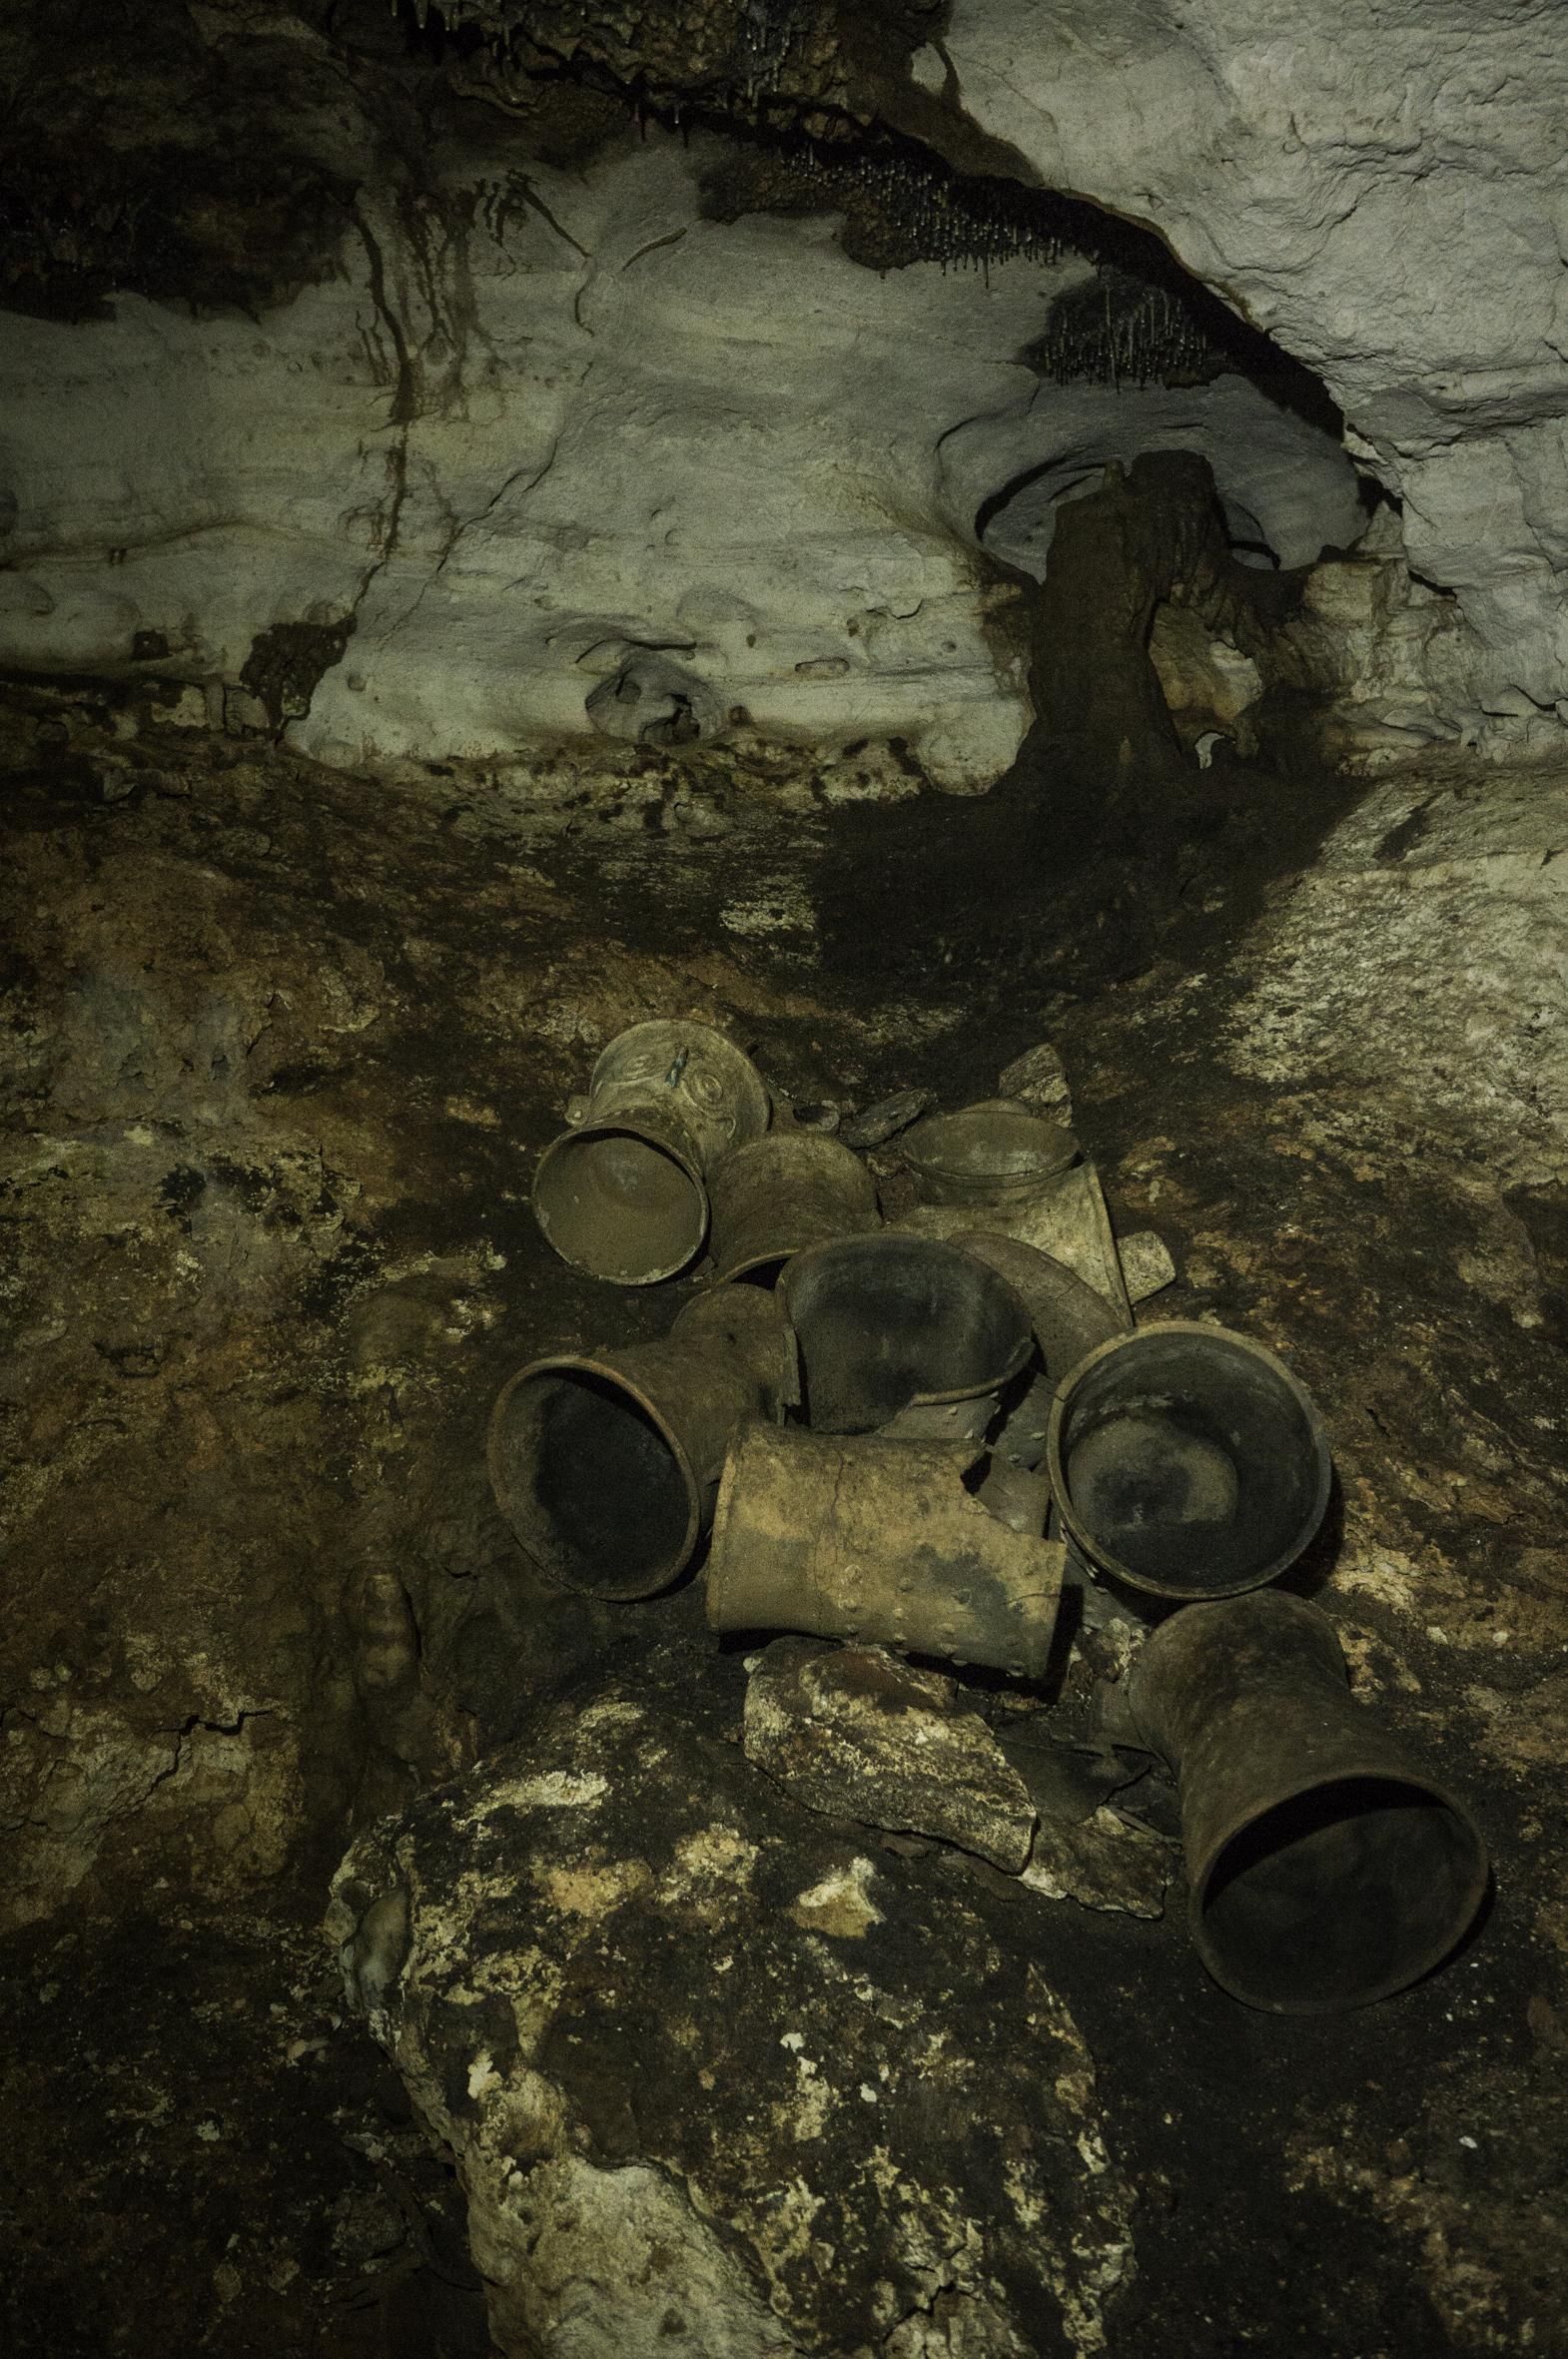 son más de 200 artefactos, entre los que se encuentran incensarios, jarrones, platos decorados (Foto: Karla Ortega)